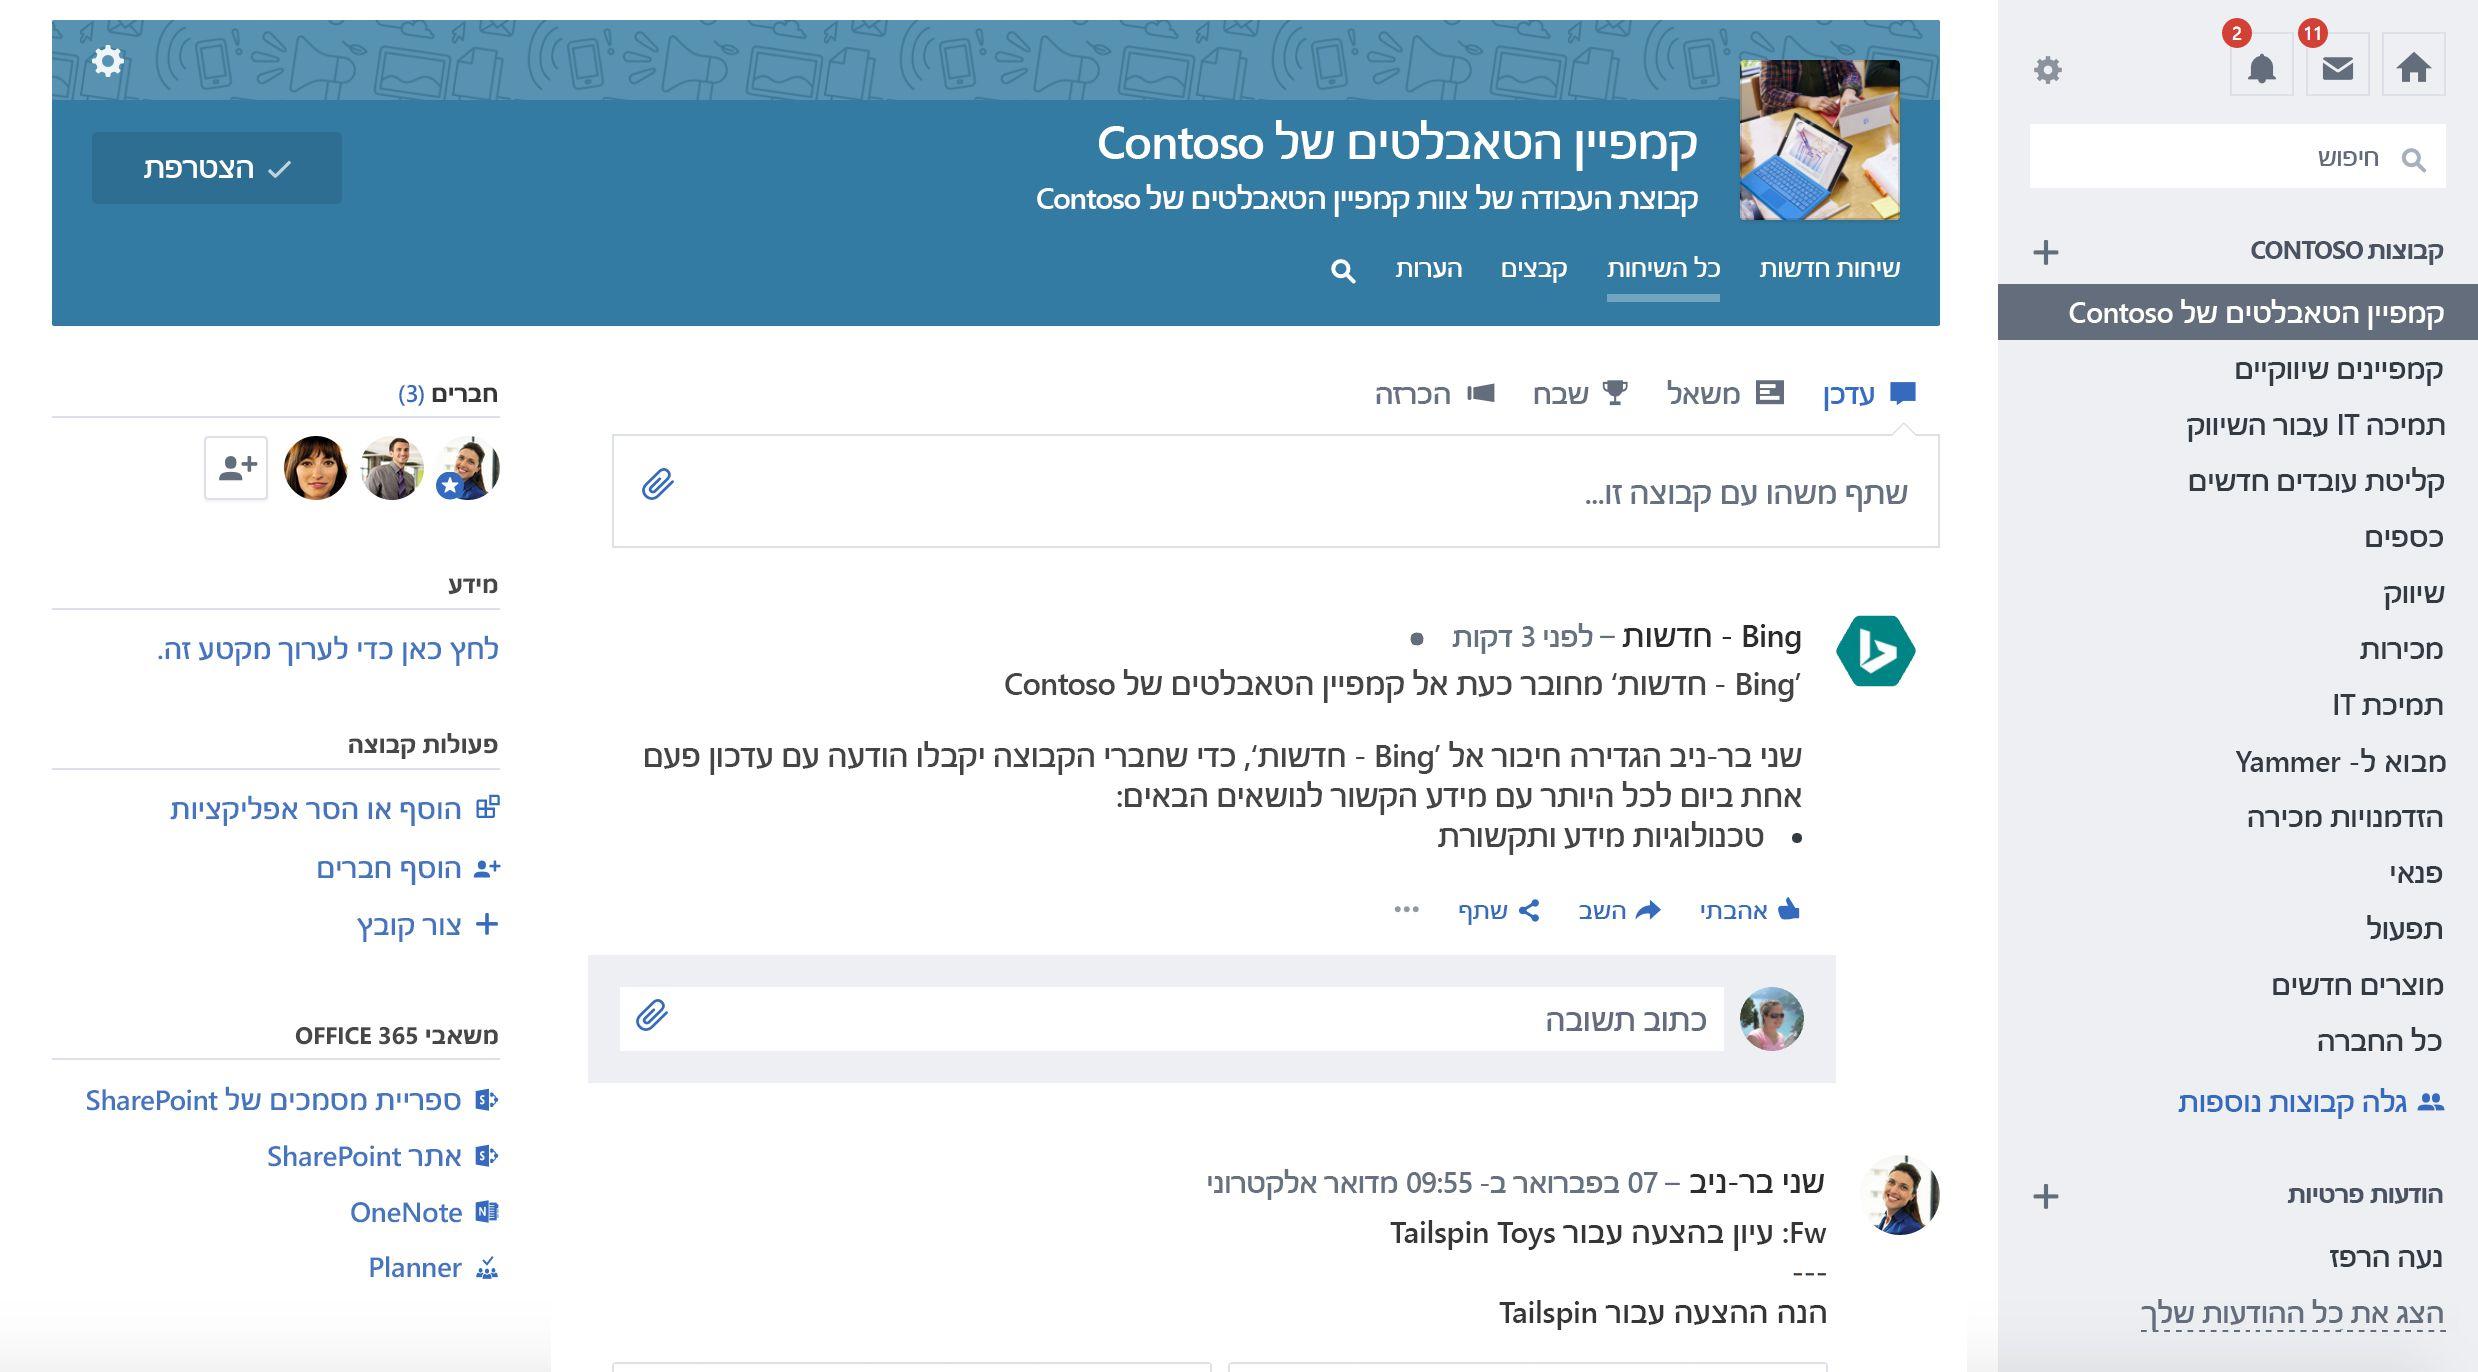 צילום מסך של Office 365 מחובר קבוצת Yammer עם חיבור חדש